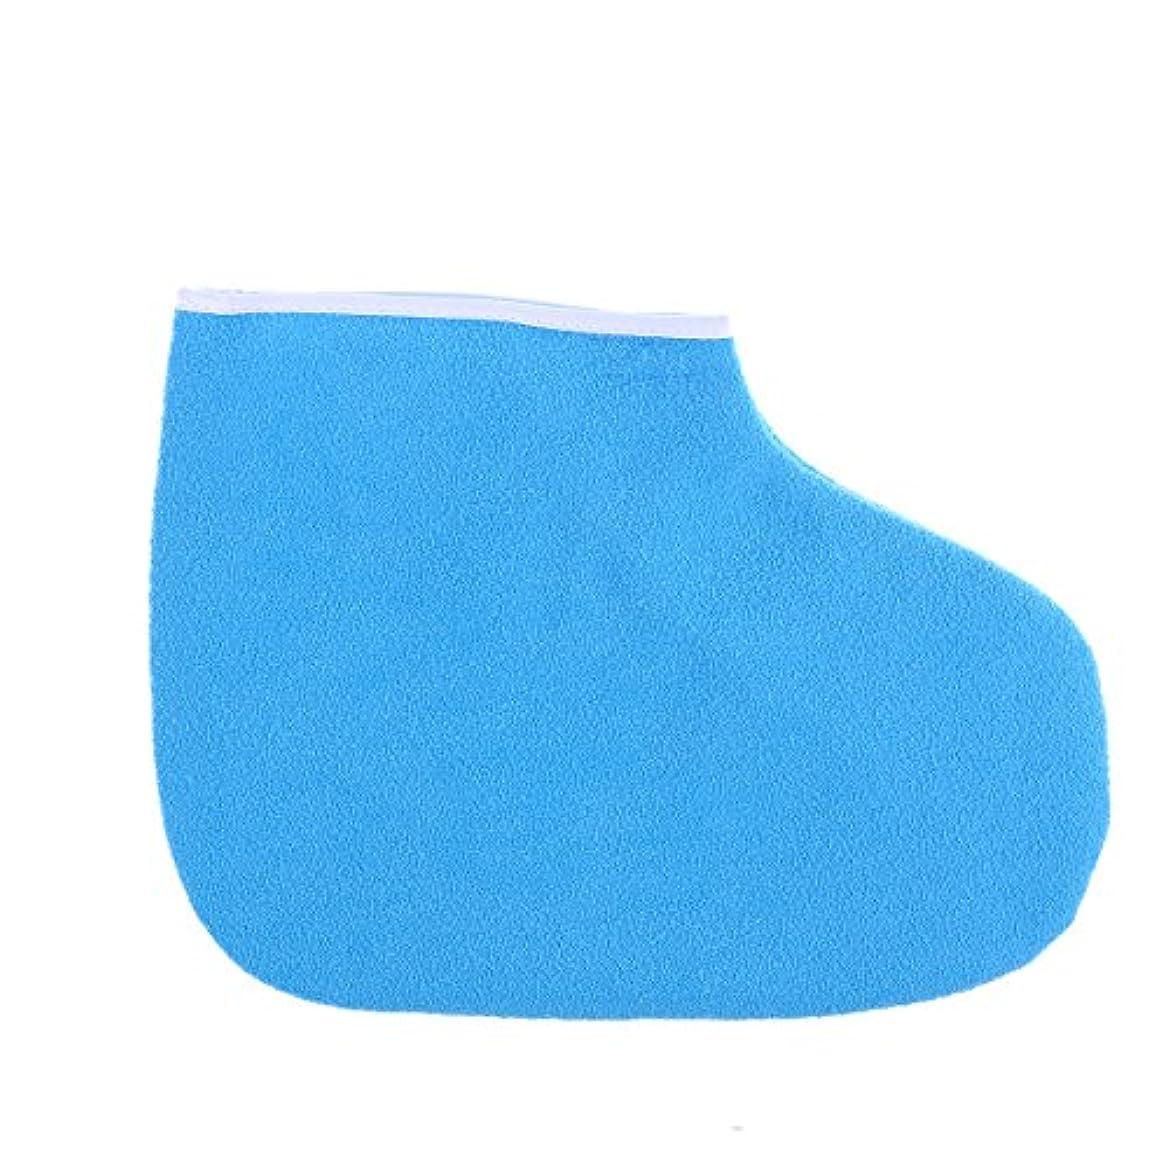 楽なプレゼン先祖Healifty パラフィンワックスブーティーマニキュアペディキュアトリートメントブーツ(ブルー)